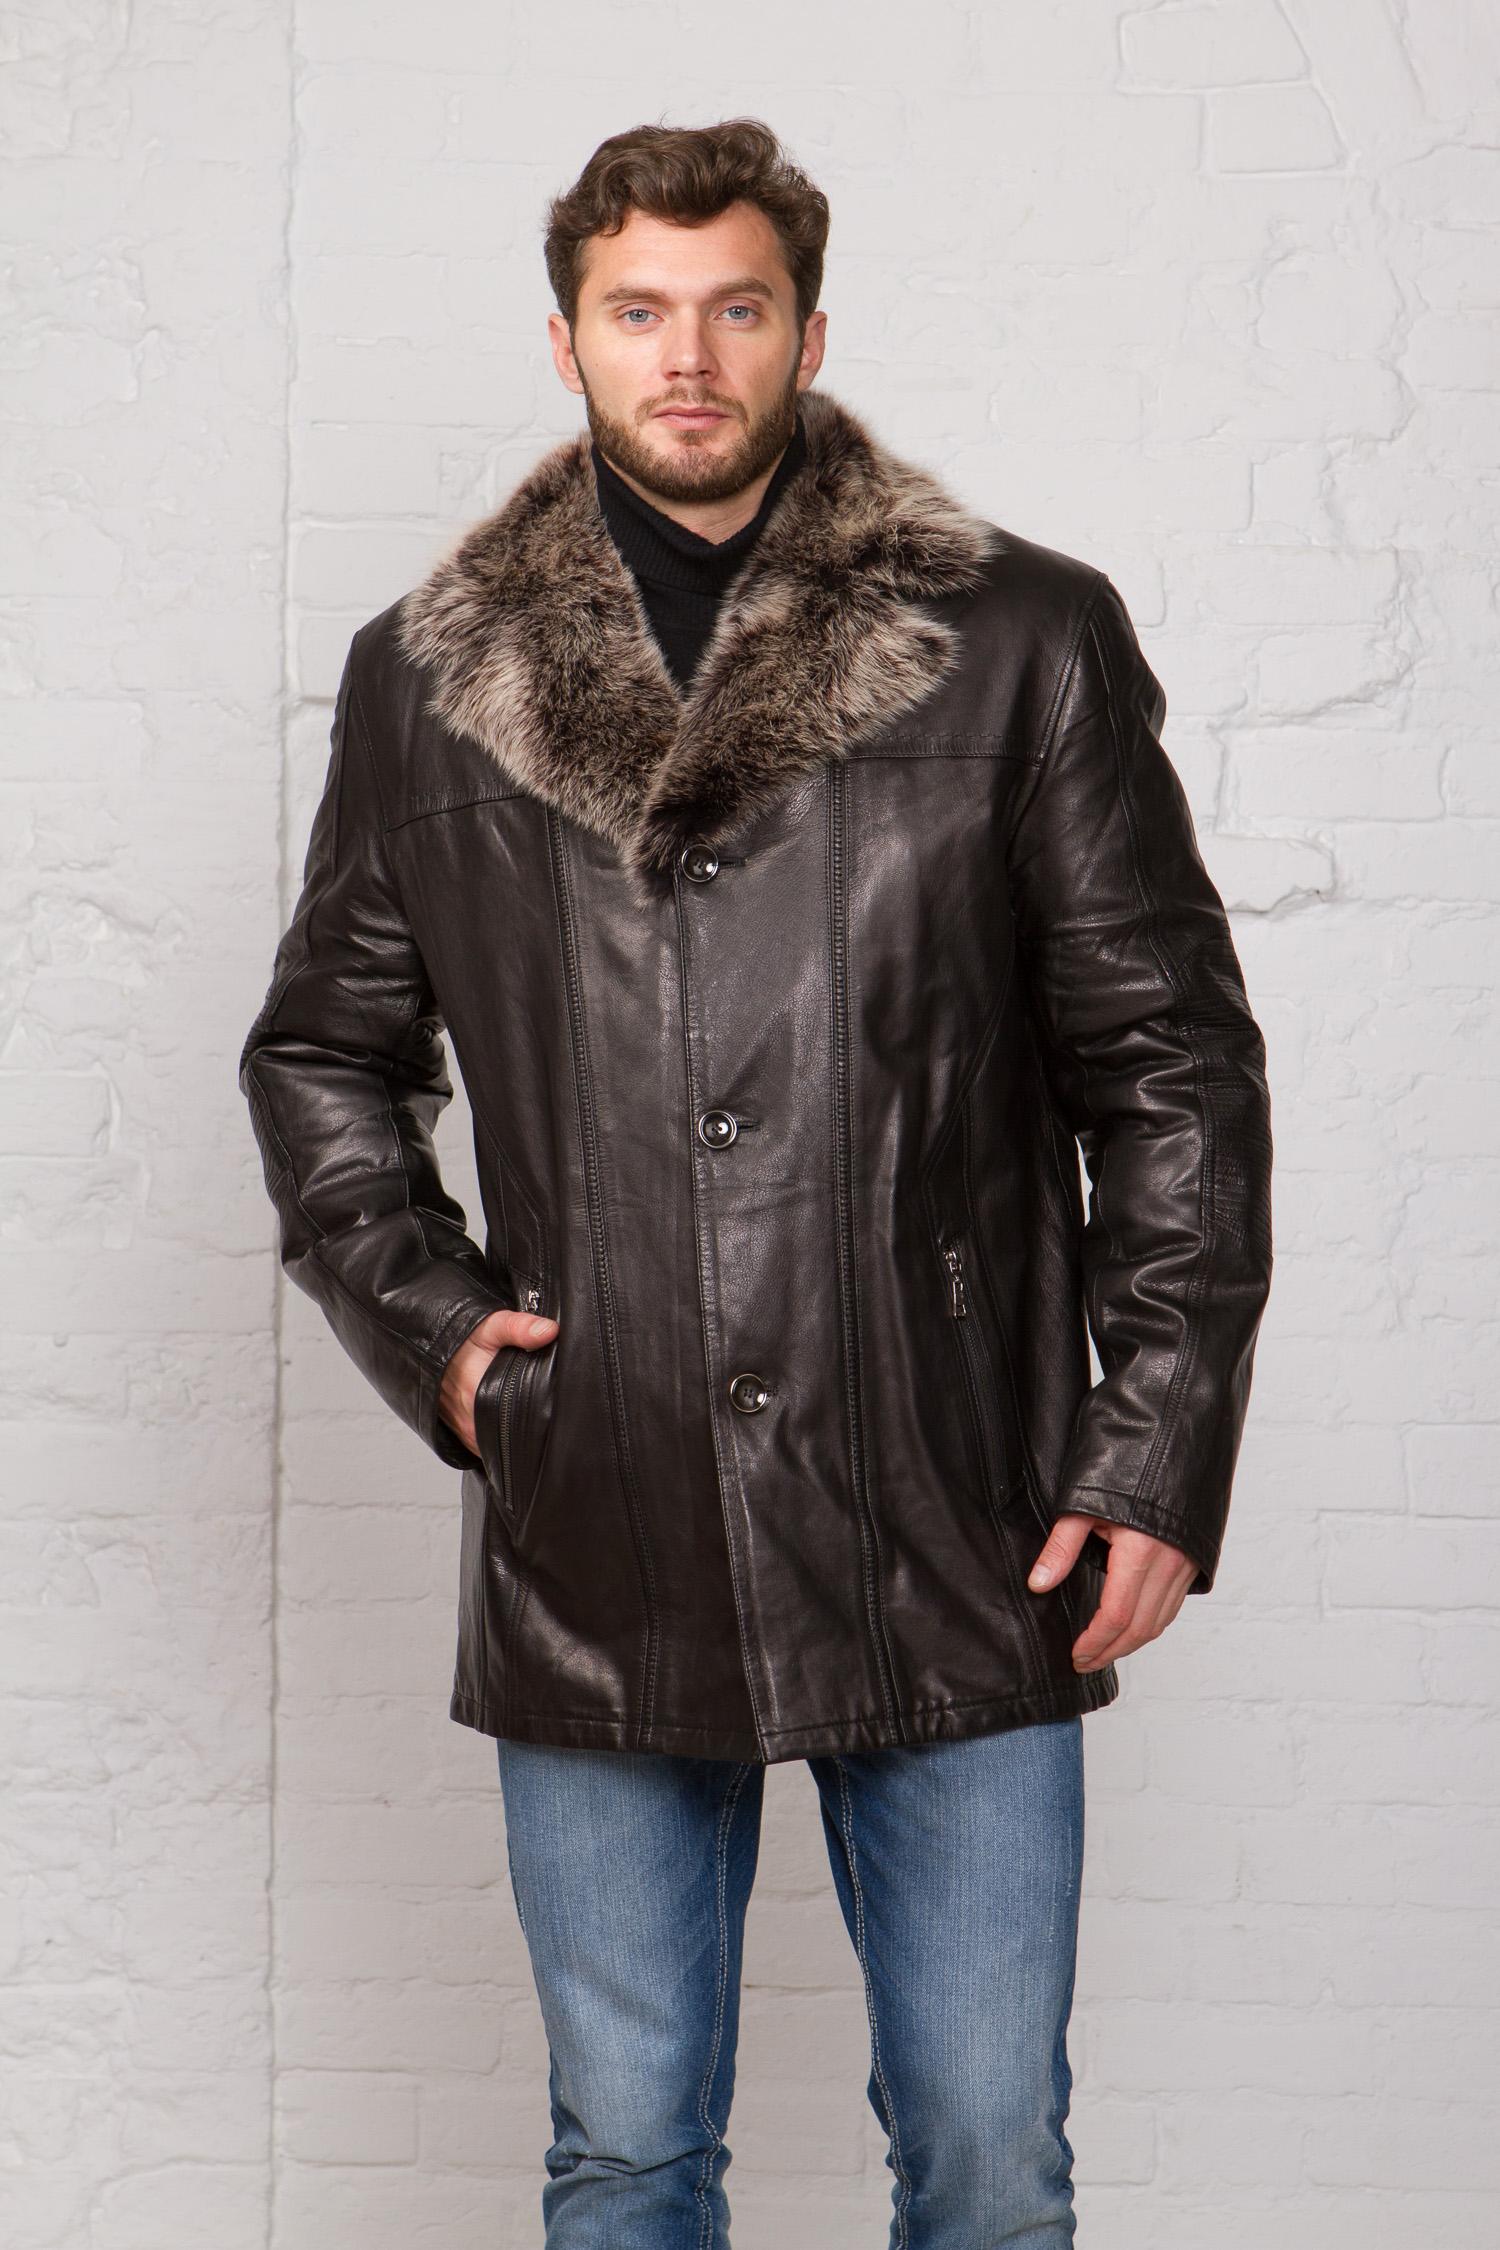 Мужская кожаная куртка из натуральной кожи на меху с воротником, отделка тоскана